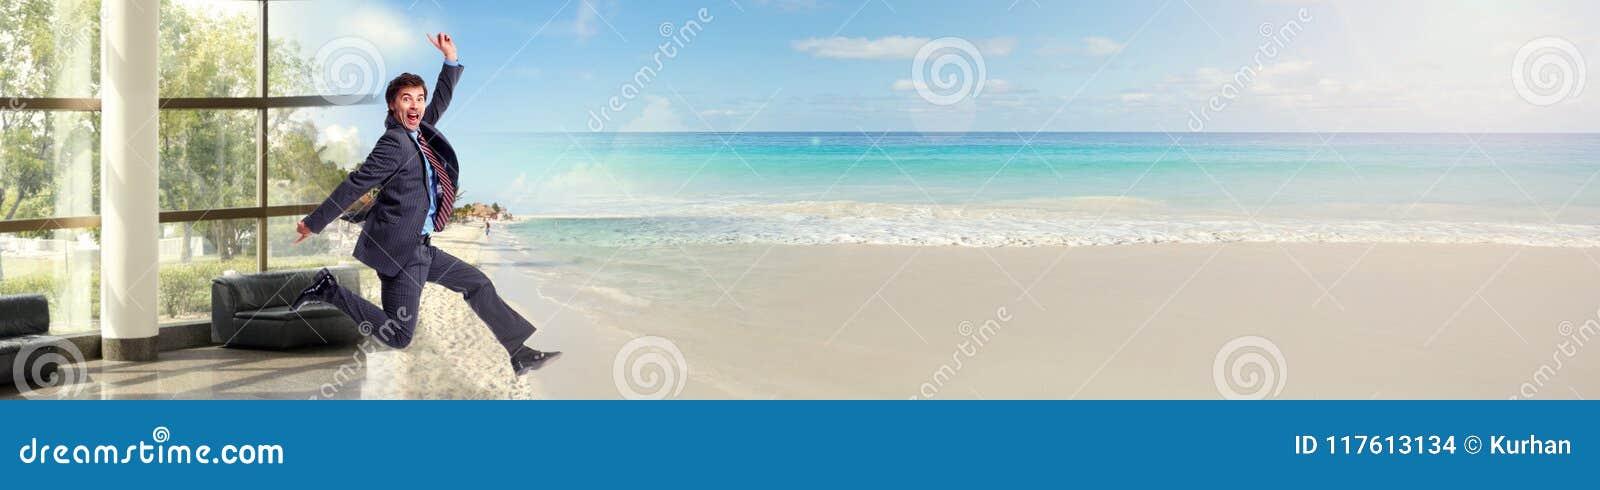 Hombre de negocios que corre en la playa